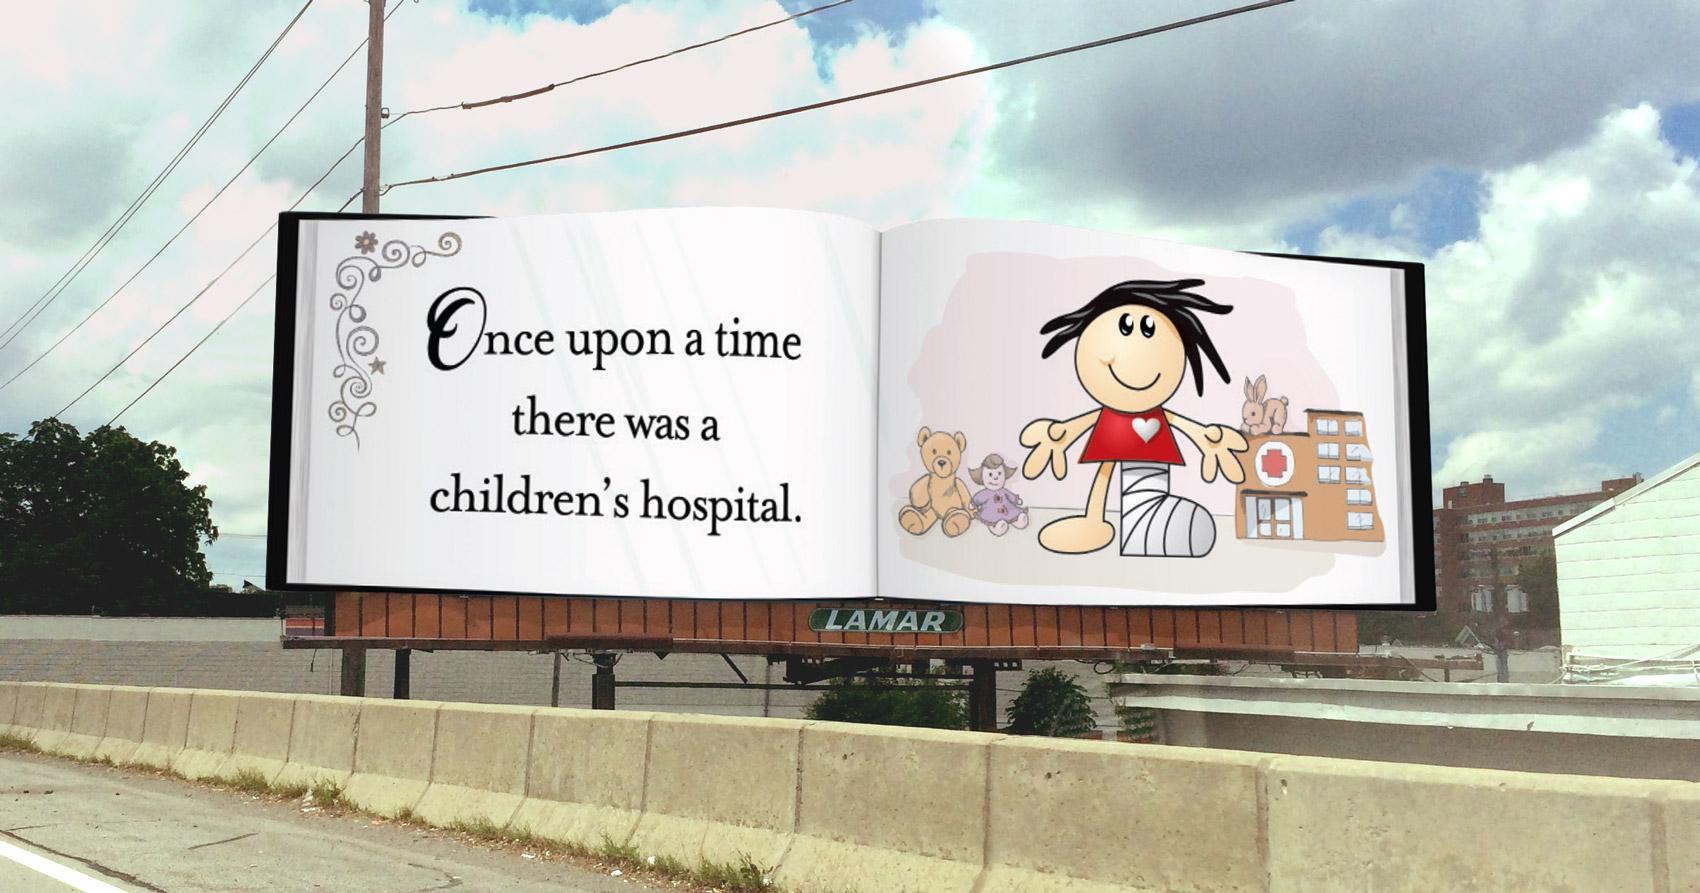 gch_2_billboard1